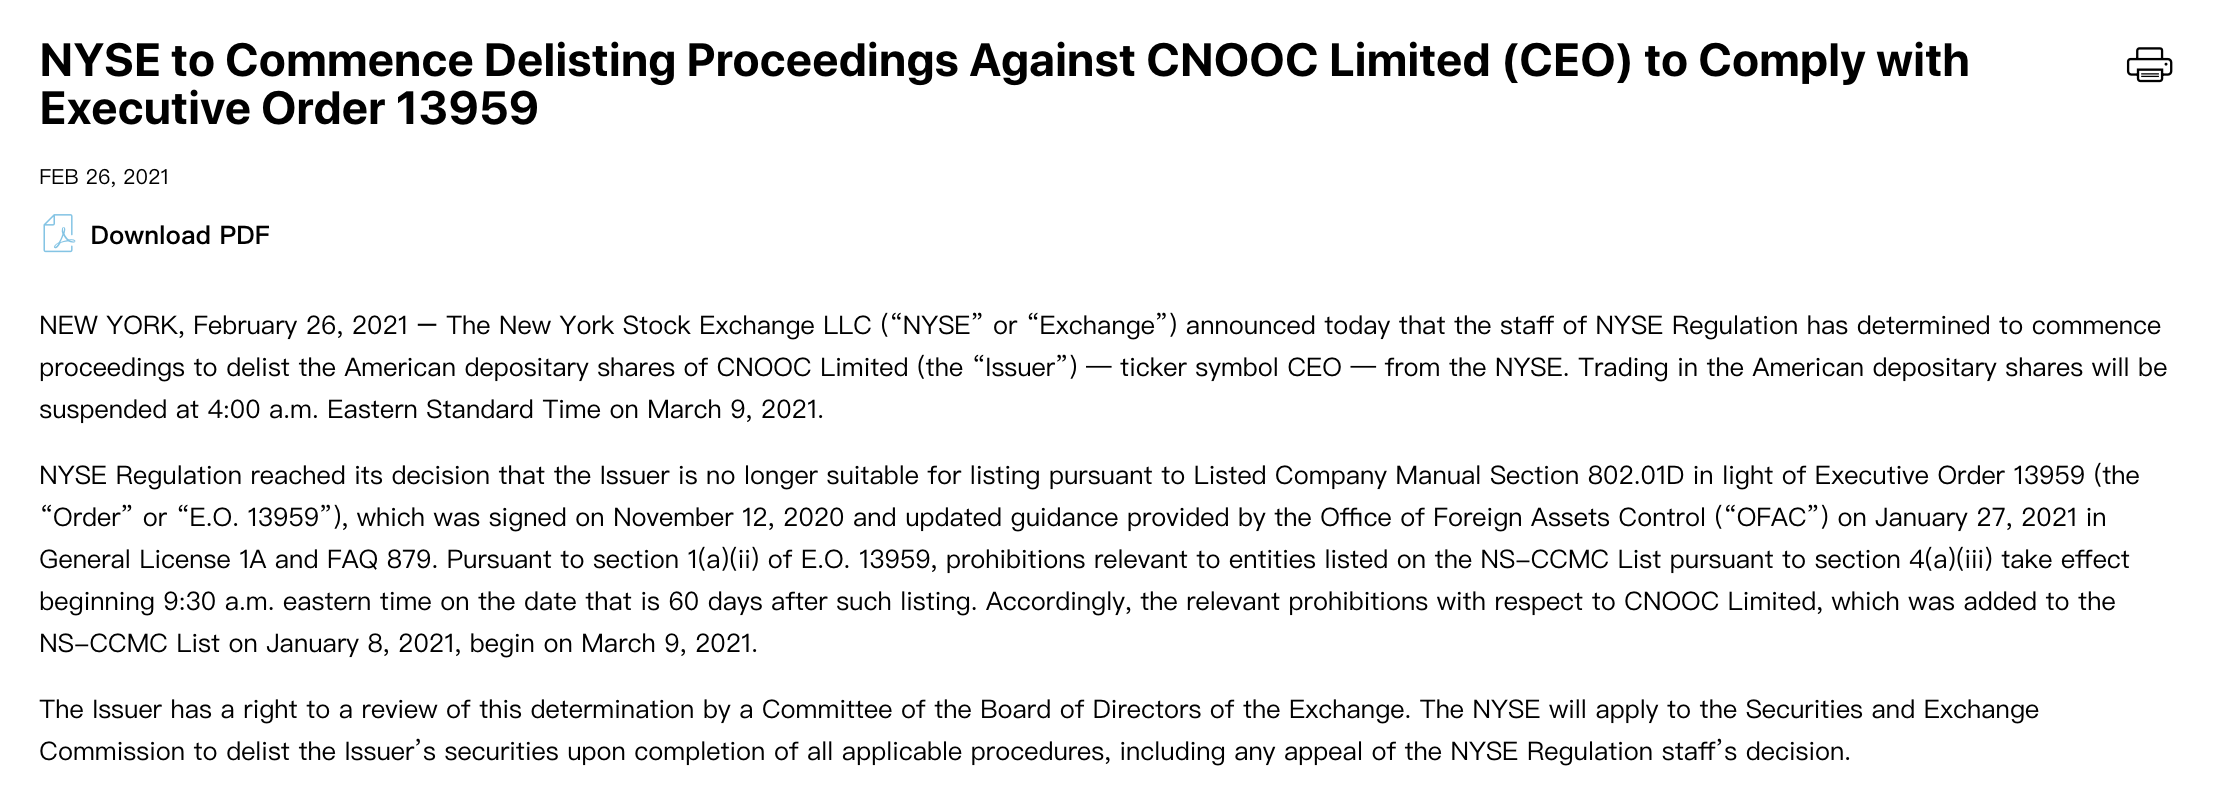 纽约证券交易所宣布启动中海油的正式退市程序